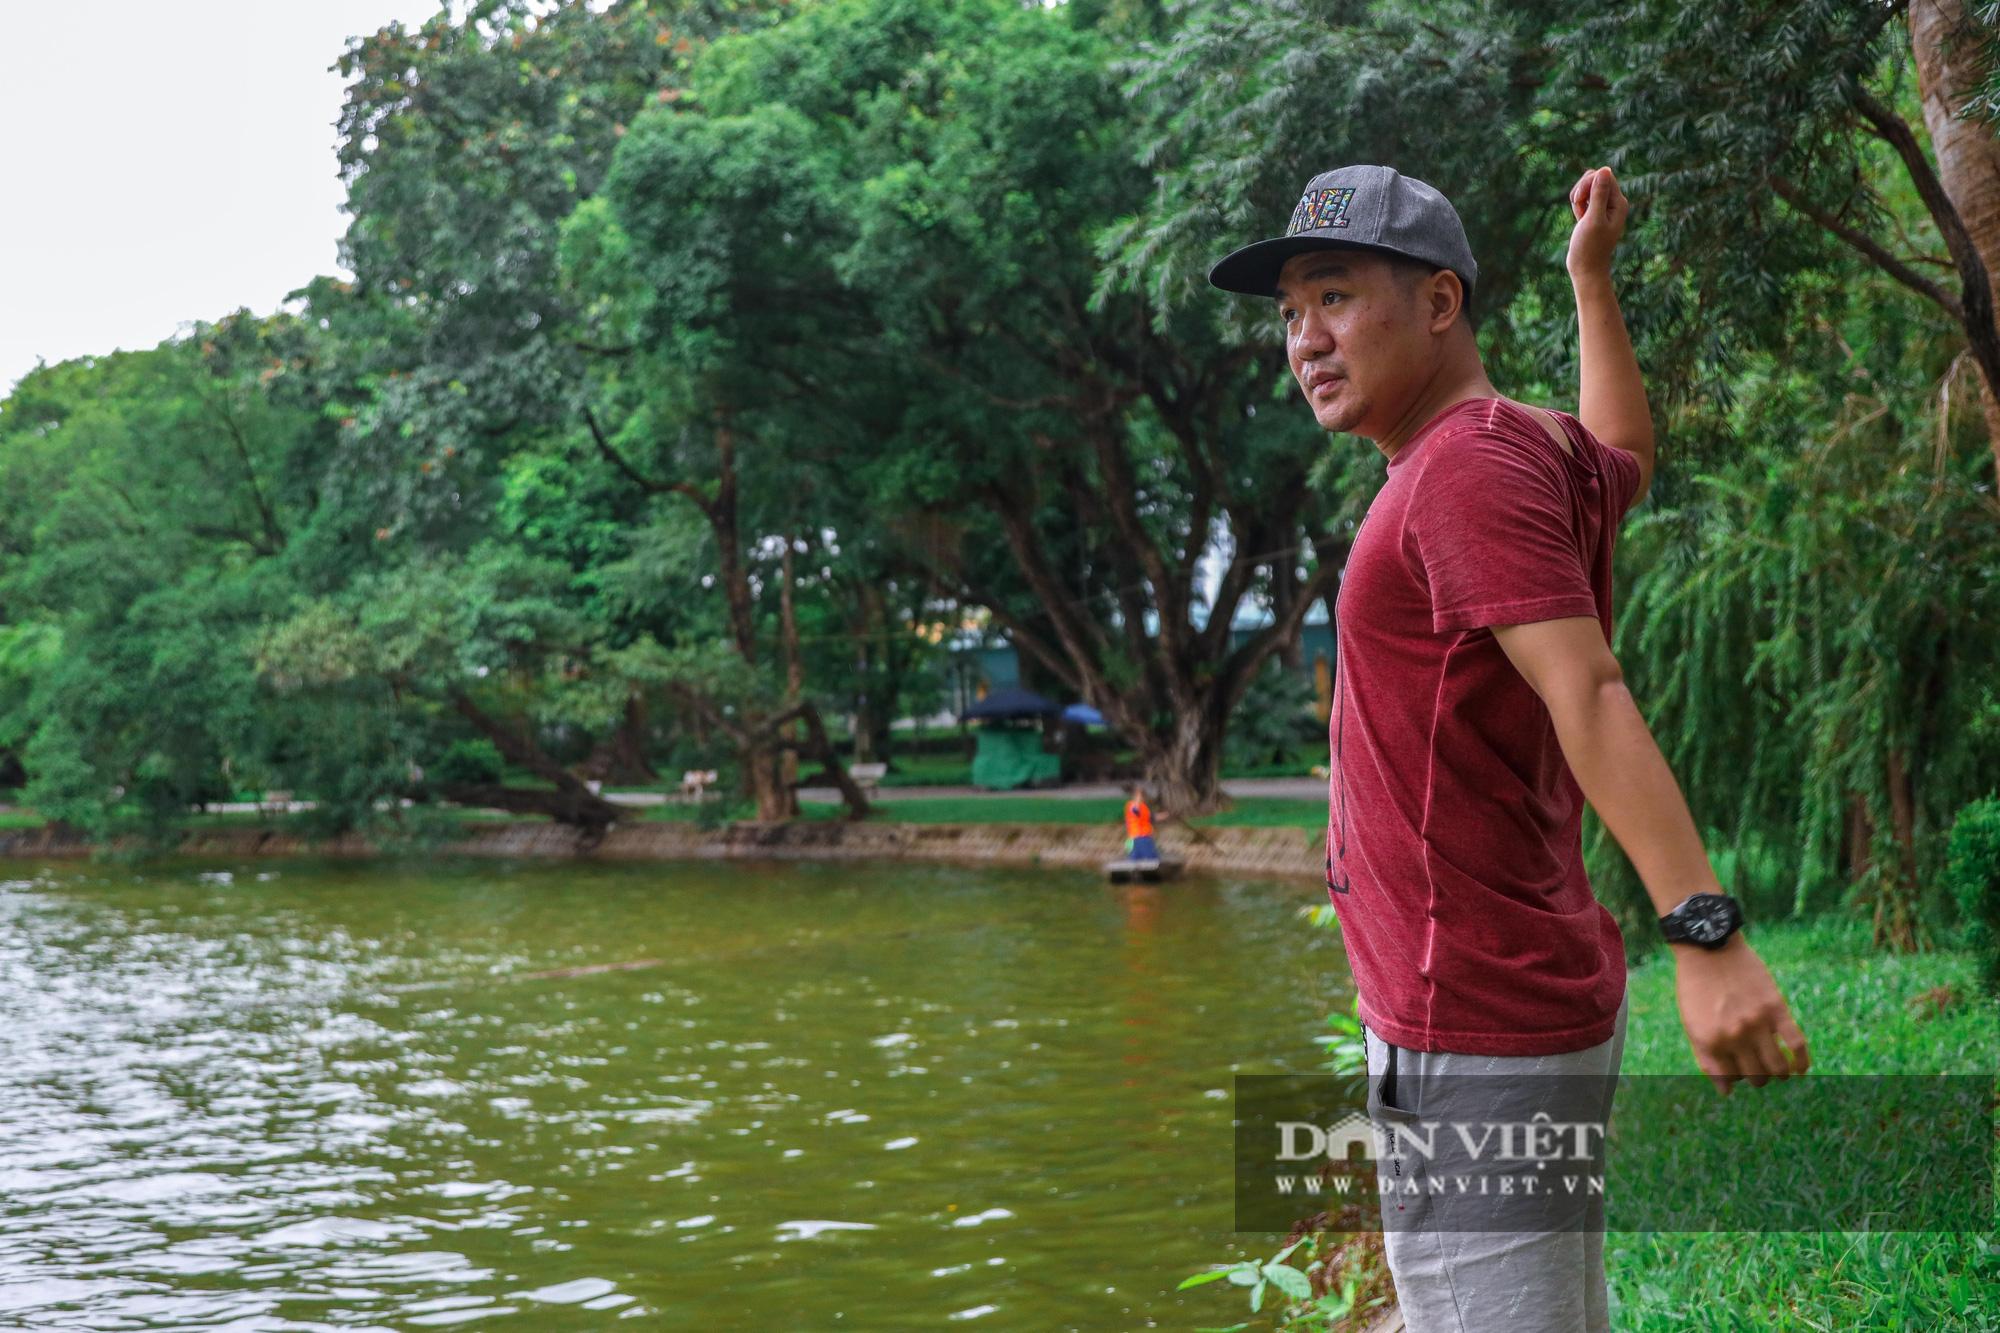 Hà Nội: Mặt nước hồ Bách Thảo bất ngờ chuyển màu vàng lạ mắt - Ảnh 10.